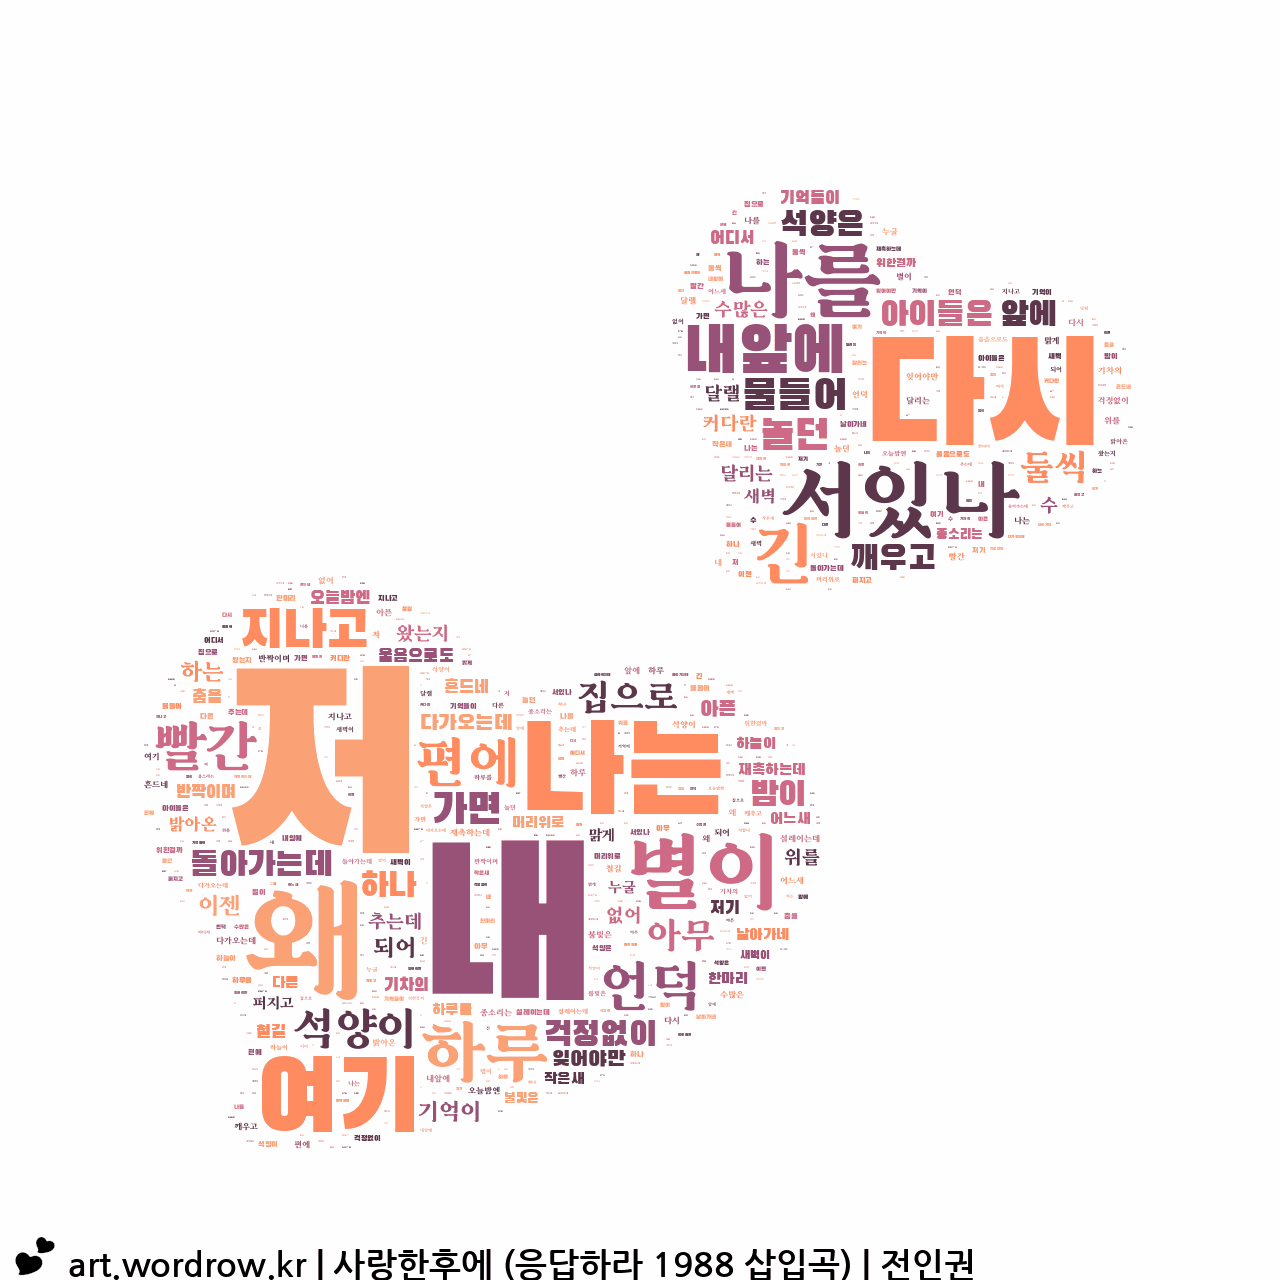 워드 아트: 사랑한후에 (응답하라 1988 삽입곡) [전인권]-31